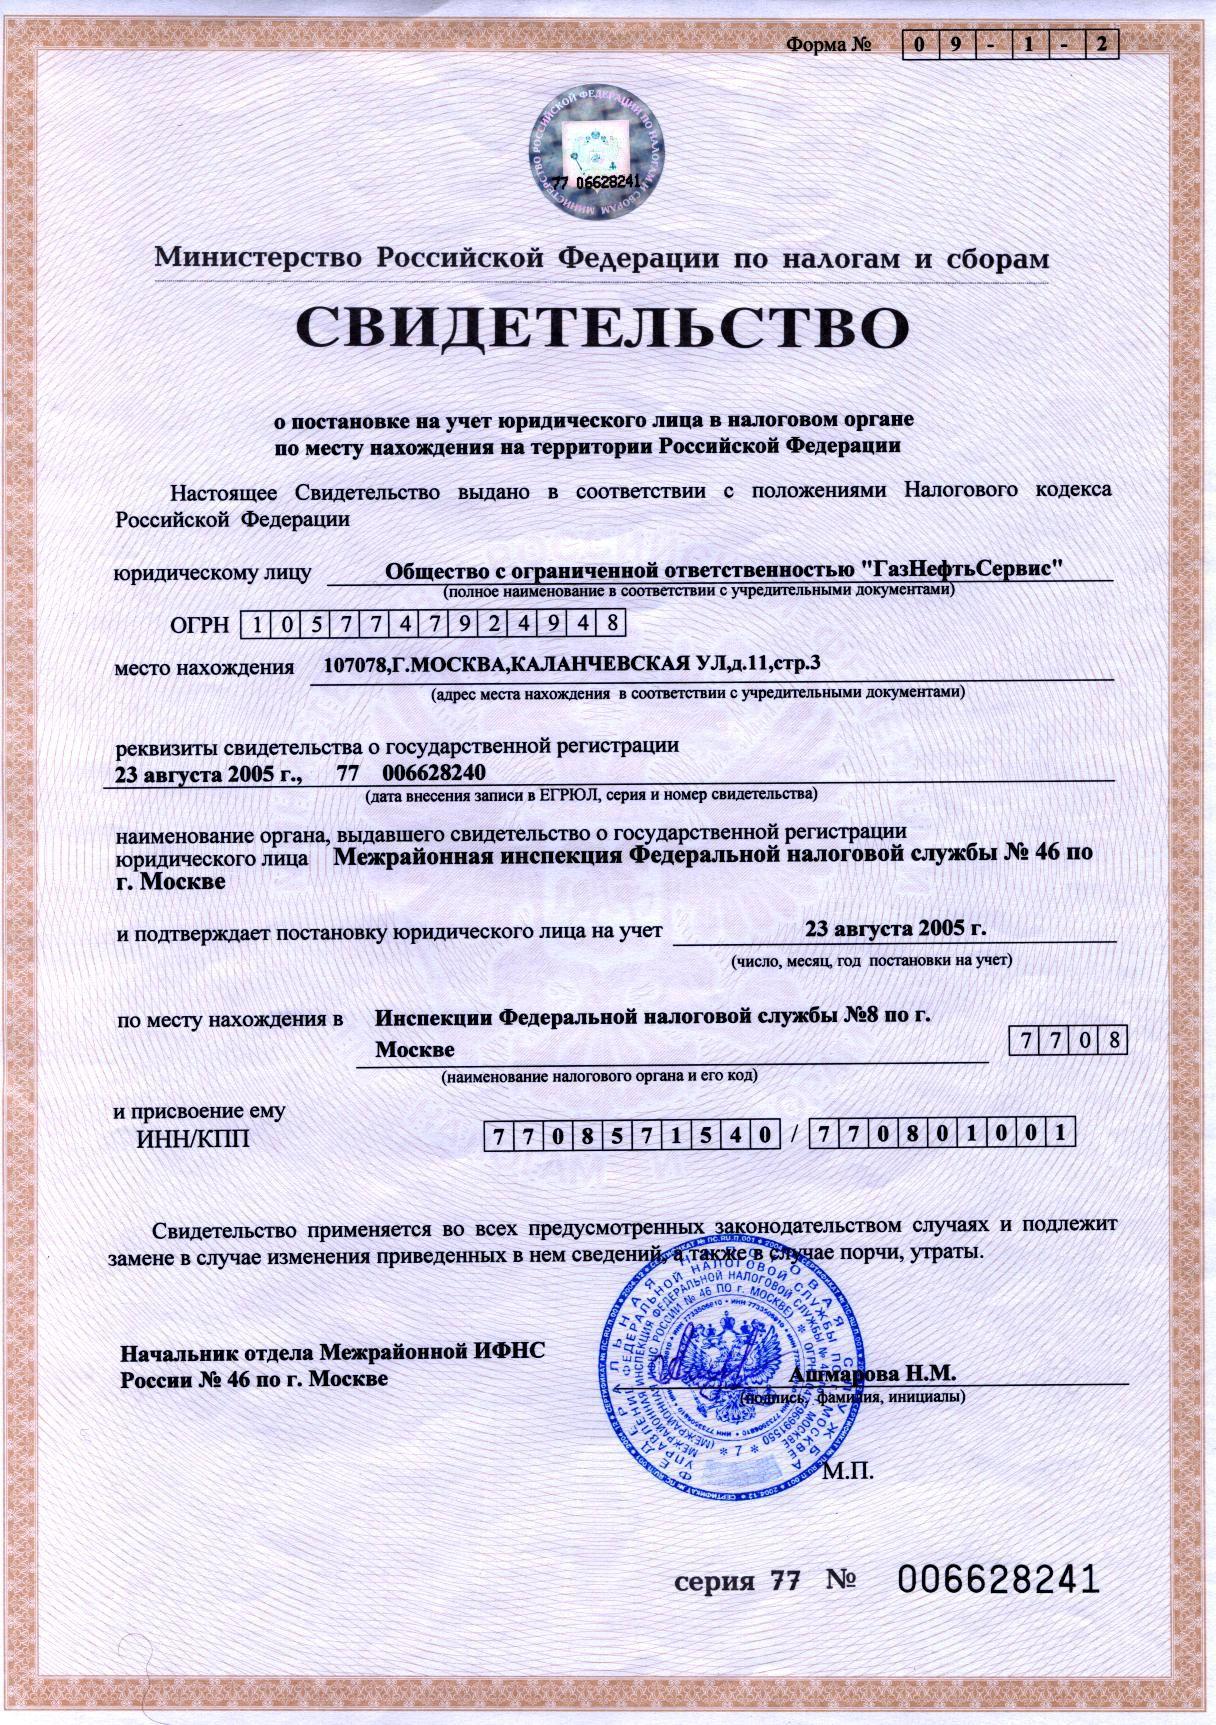 код иностранной организации